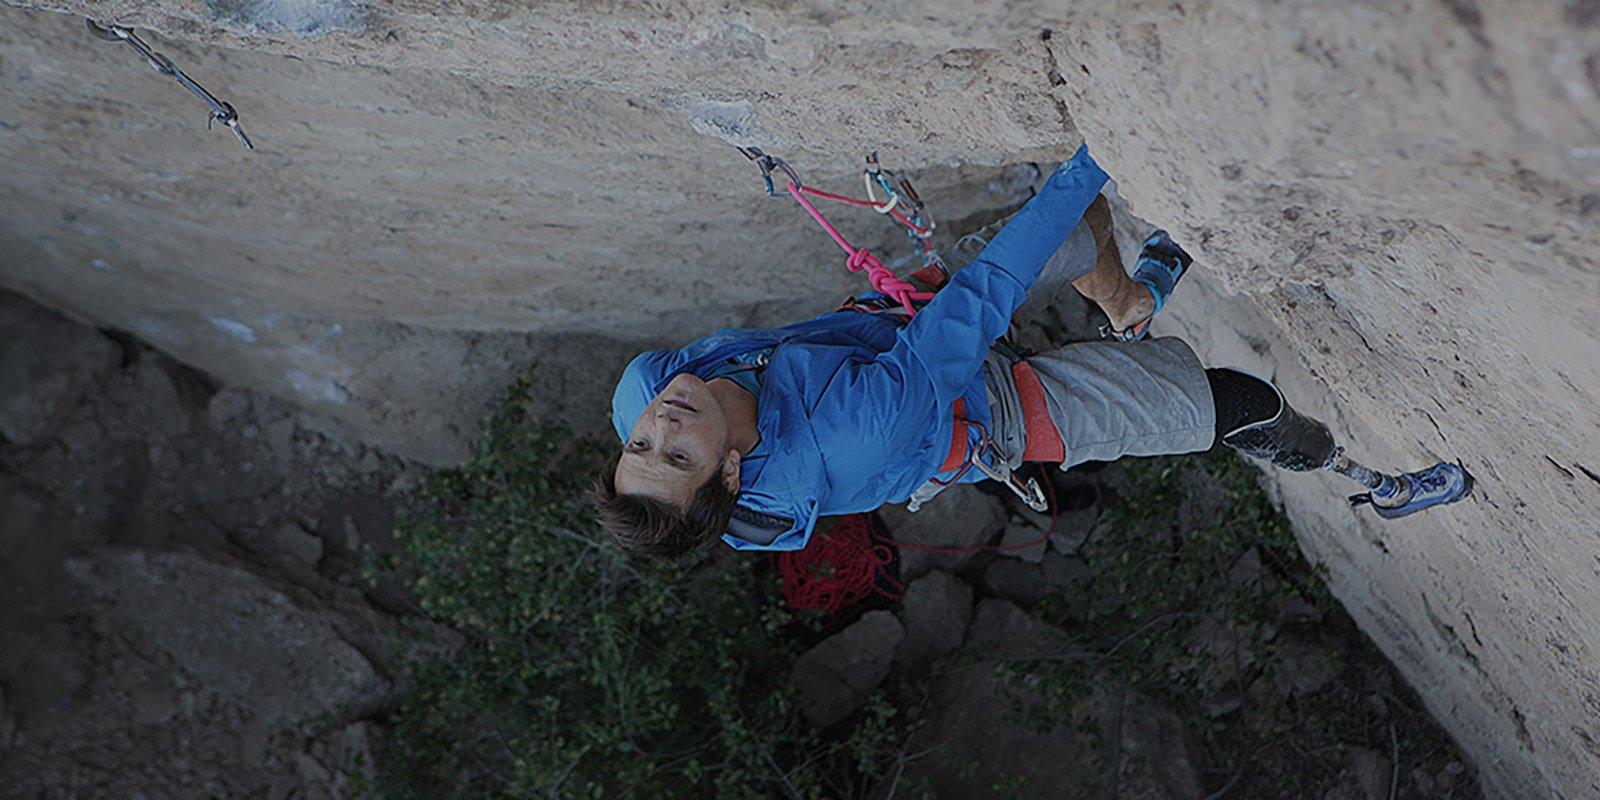 vimff 2018 arcteryx climbing show title bg